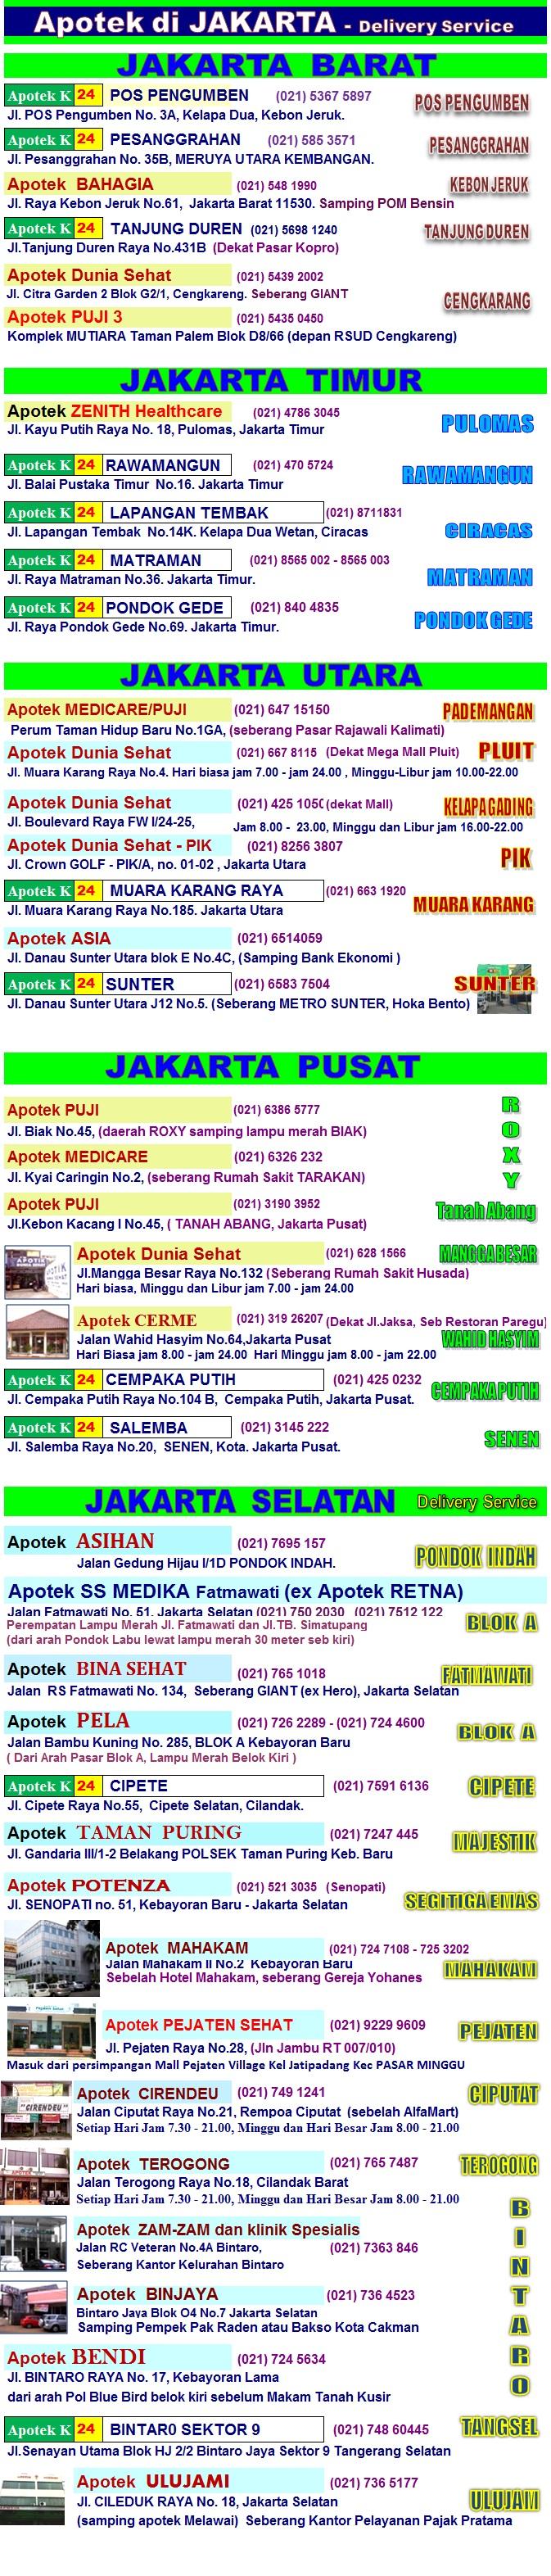 OBAT KUAT di Jakarta apotik resmi. Hati-hati obat PALSU! dari pemeriksaan berkala iklan telah kami cabut dari beberapa apotik yang ternyata menjual barang PALSU. Apotek obat kuat Hp/WA/SMS Jepri 0857 1118 1115